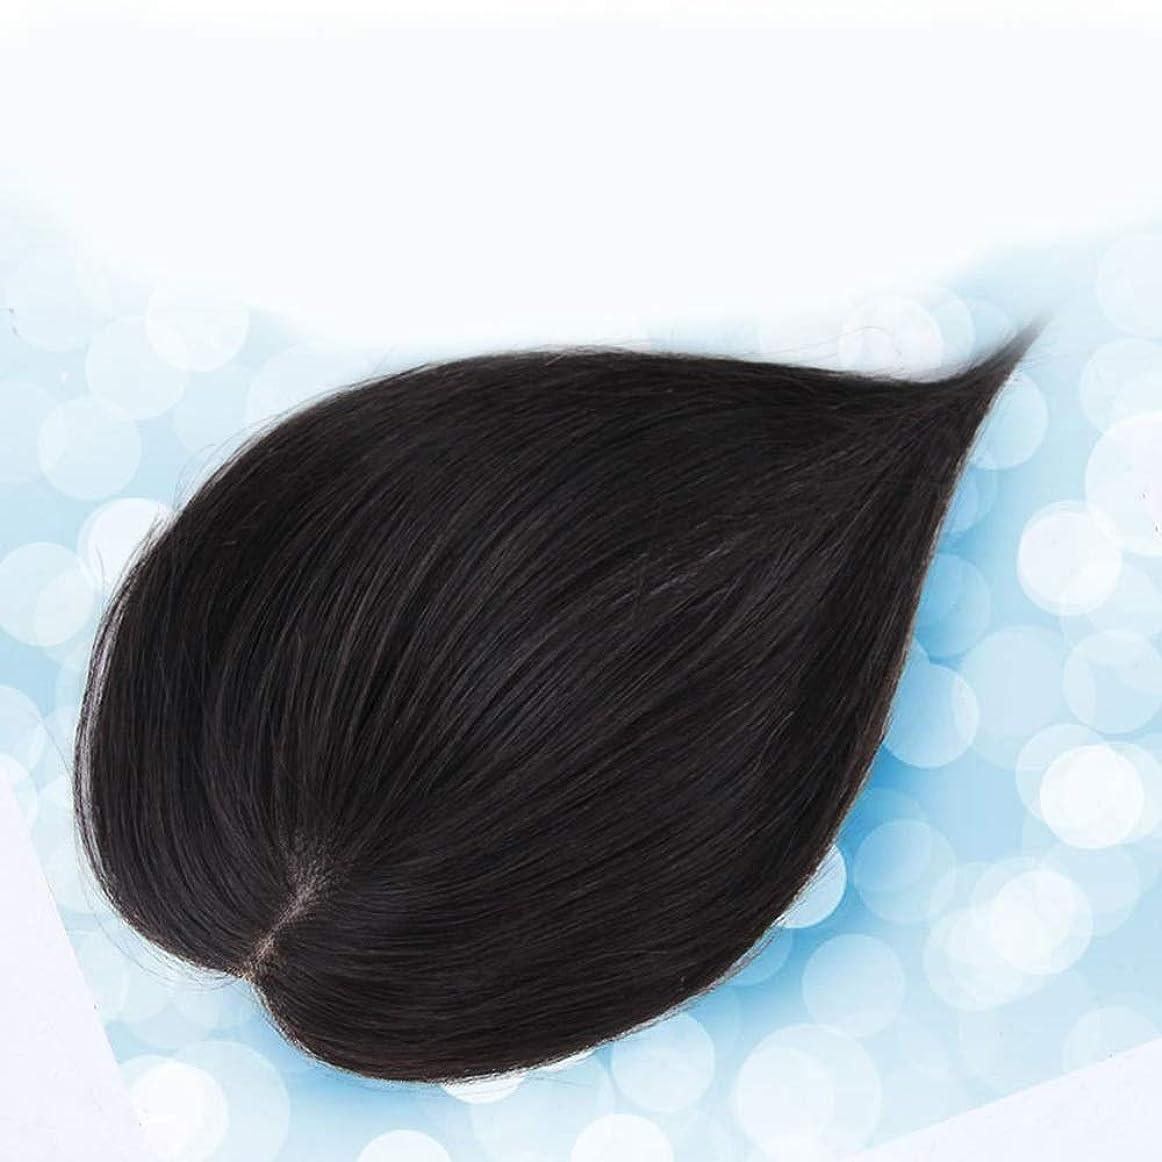 鍔極小勤勉なYESONEEP ヘアエクステンションダークブラウンストレート人毛ウィッグパーティーウィッグで女性のリアルヘアクリップ (色 : [7x10] 30cm dark brown)